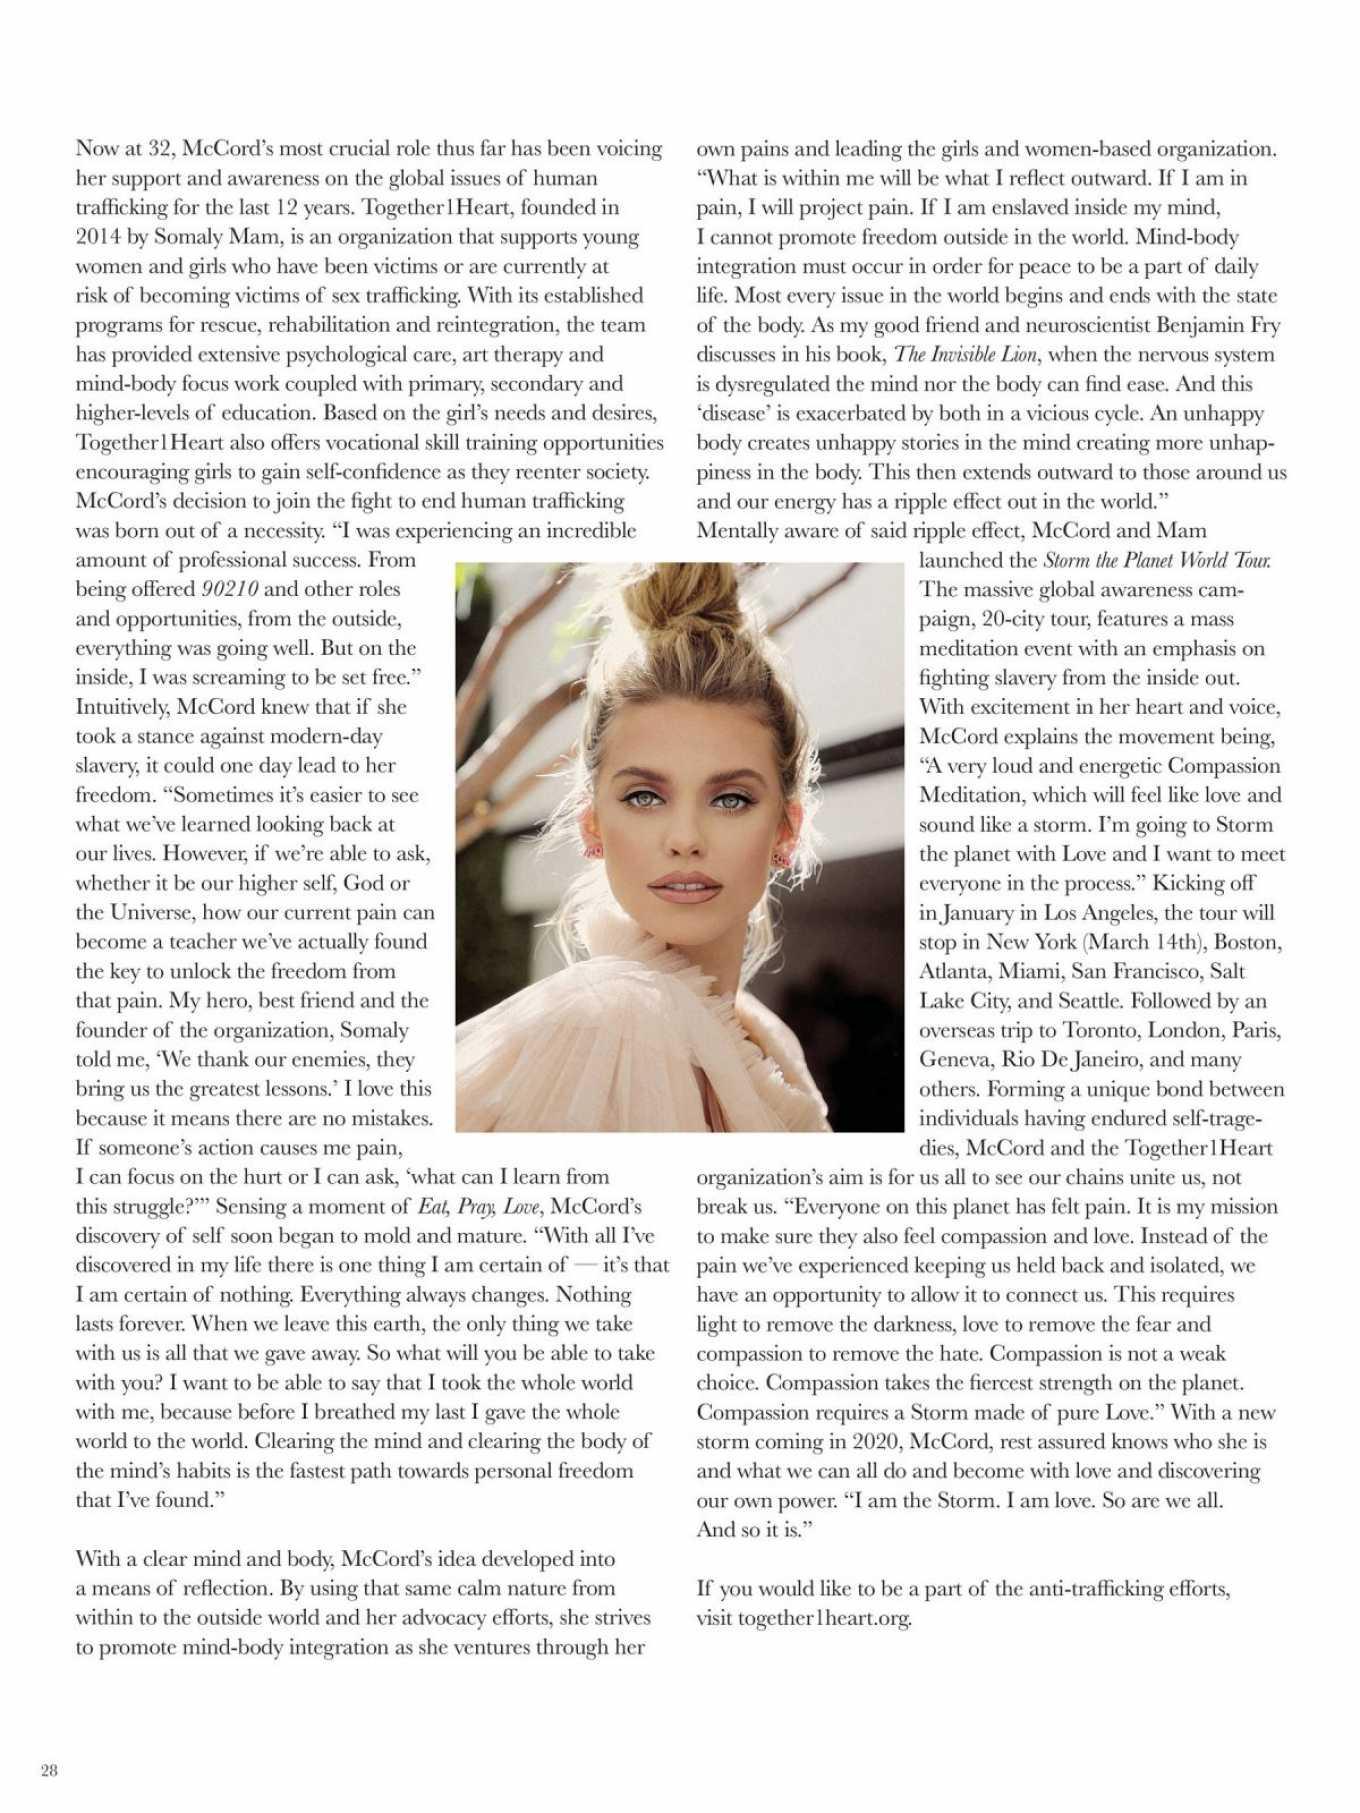 AnnaLynne McCord 2020 : AnnaLynne McCord – Bode Magazine 2020-06